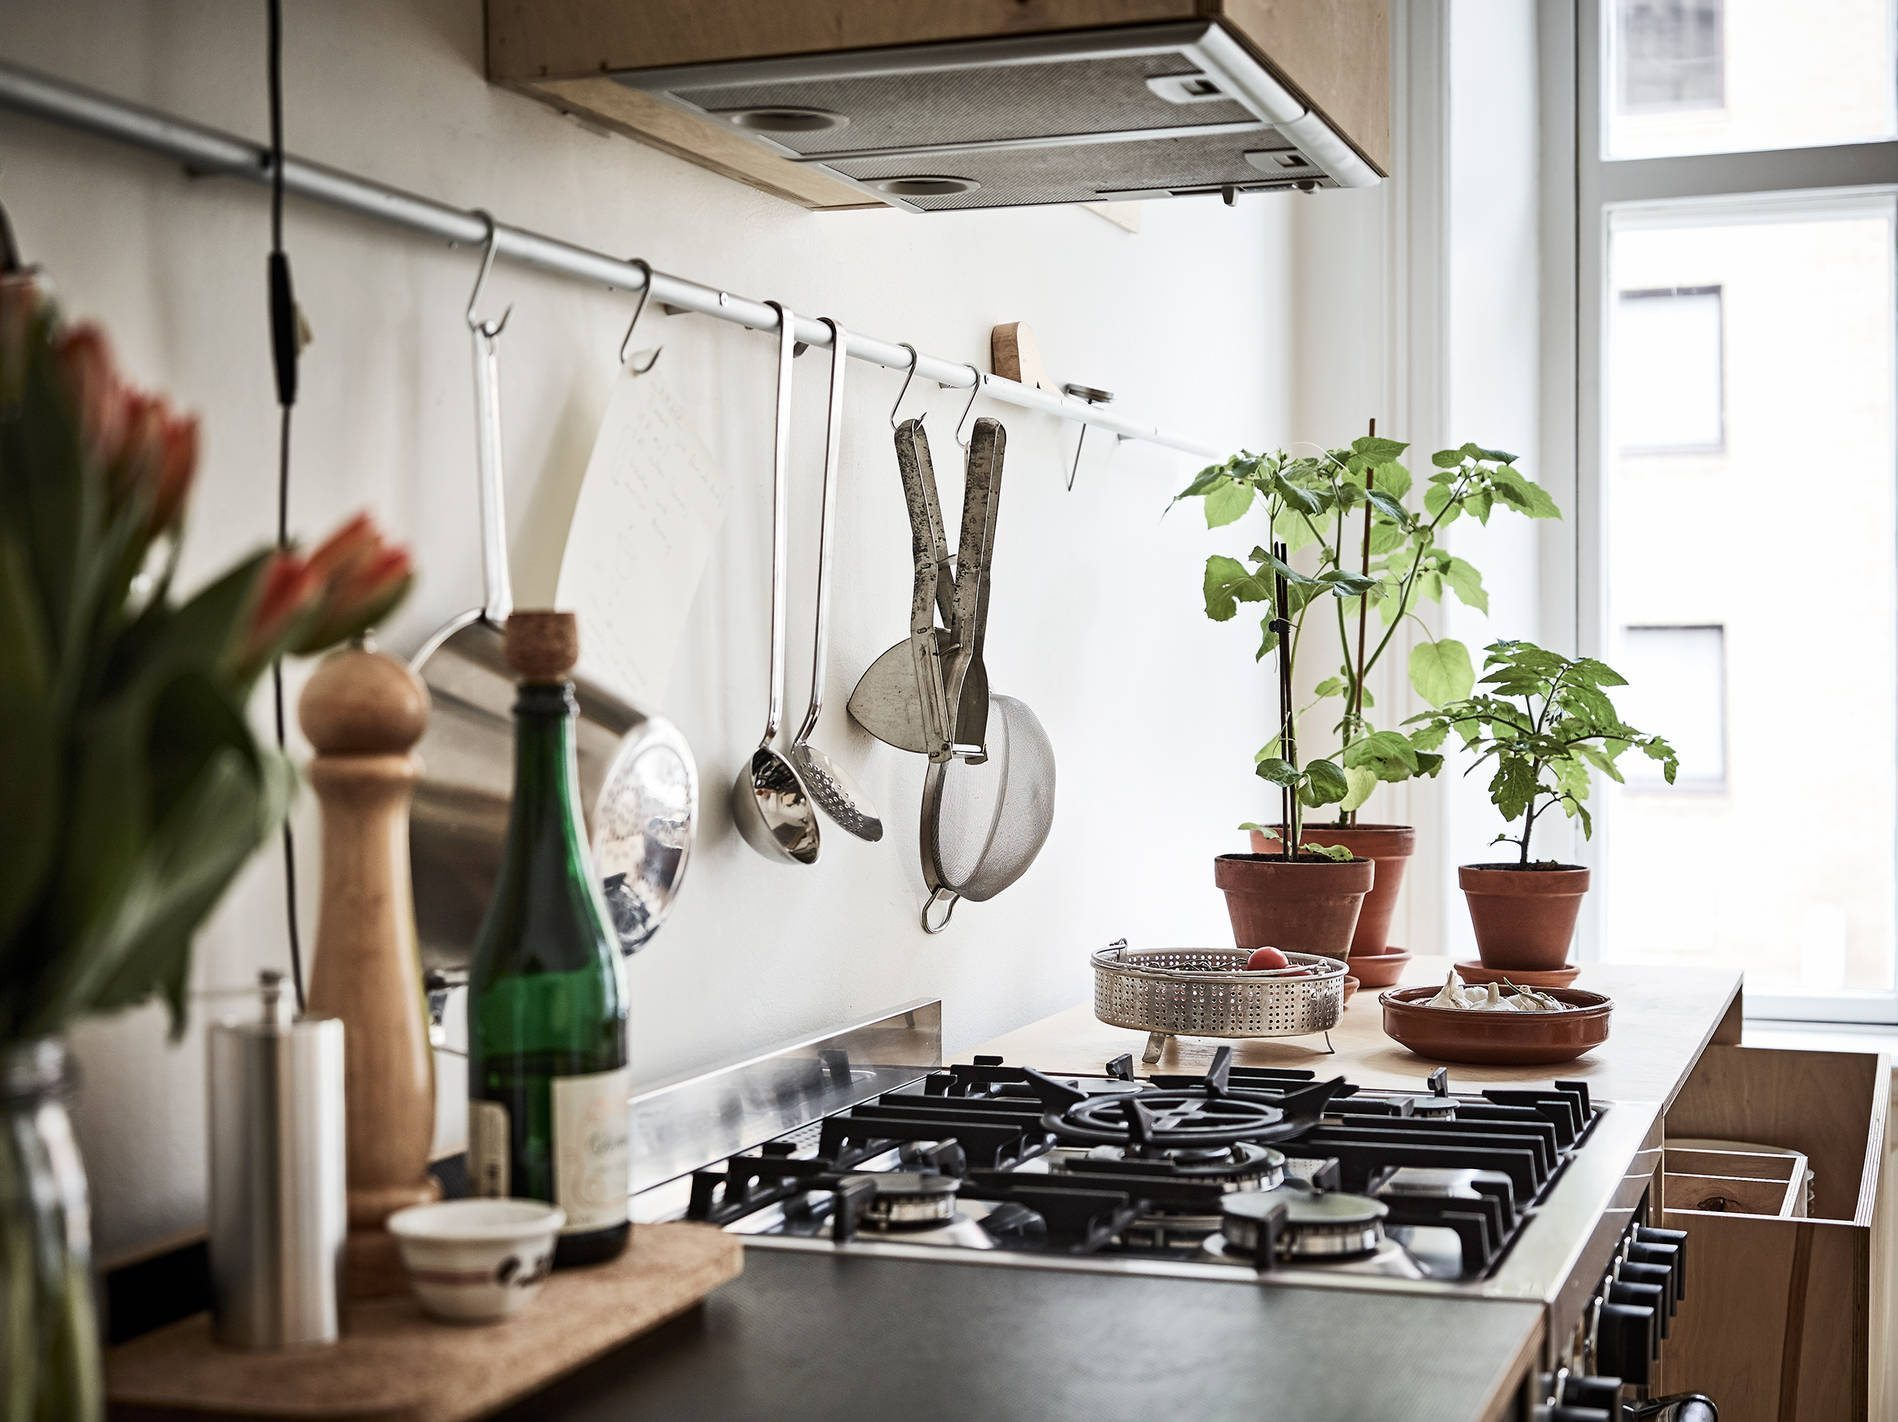 Stång i köket – Husligheter